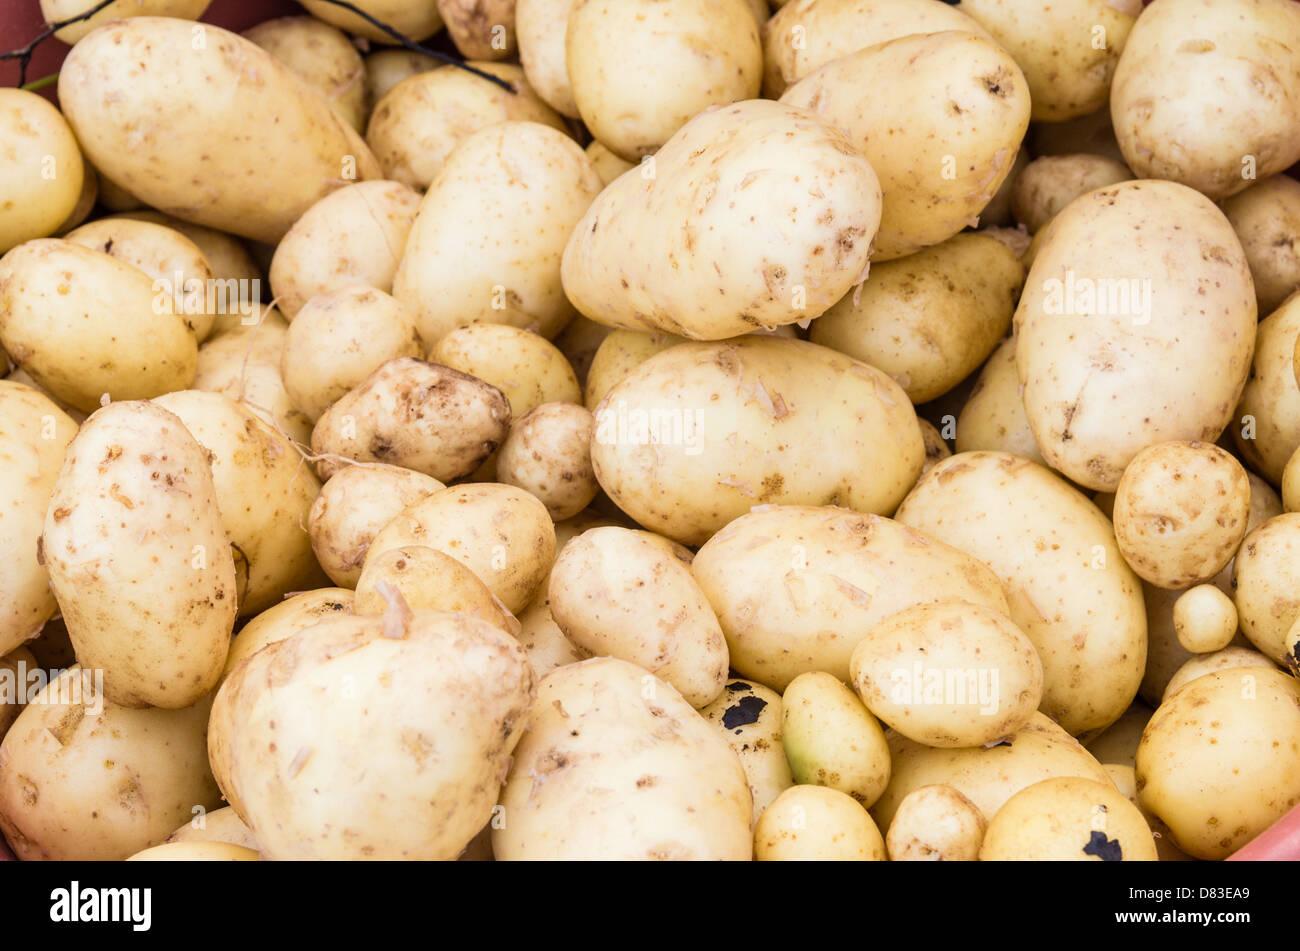 Frisch geerntete Kartoffeln auf dem Display auf dem Markt Stockbild